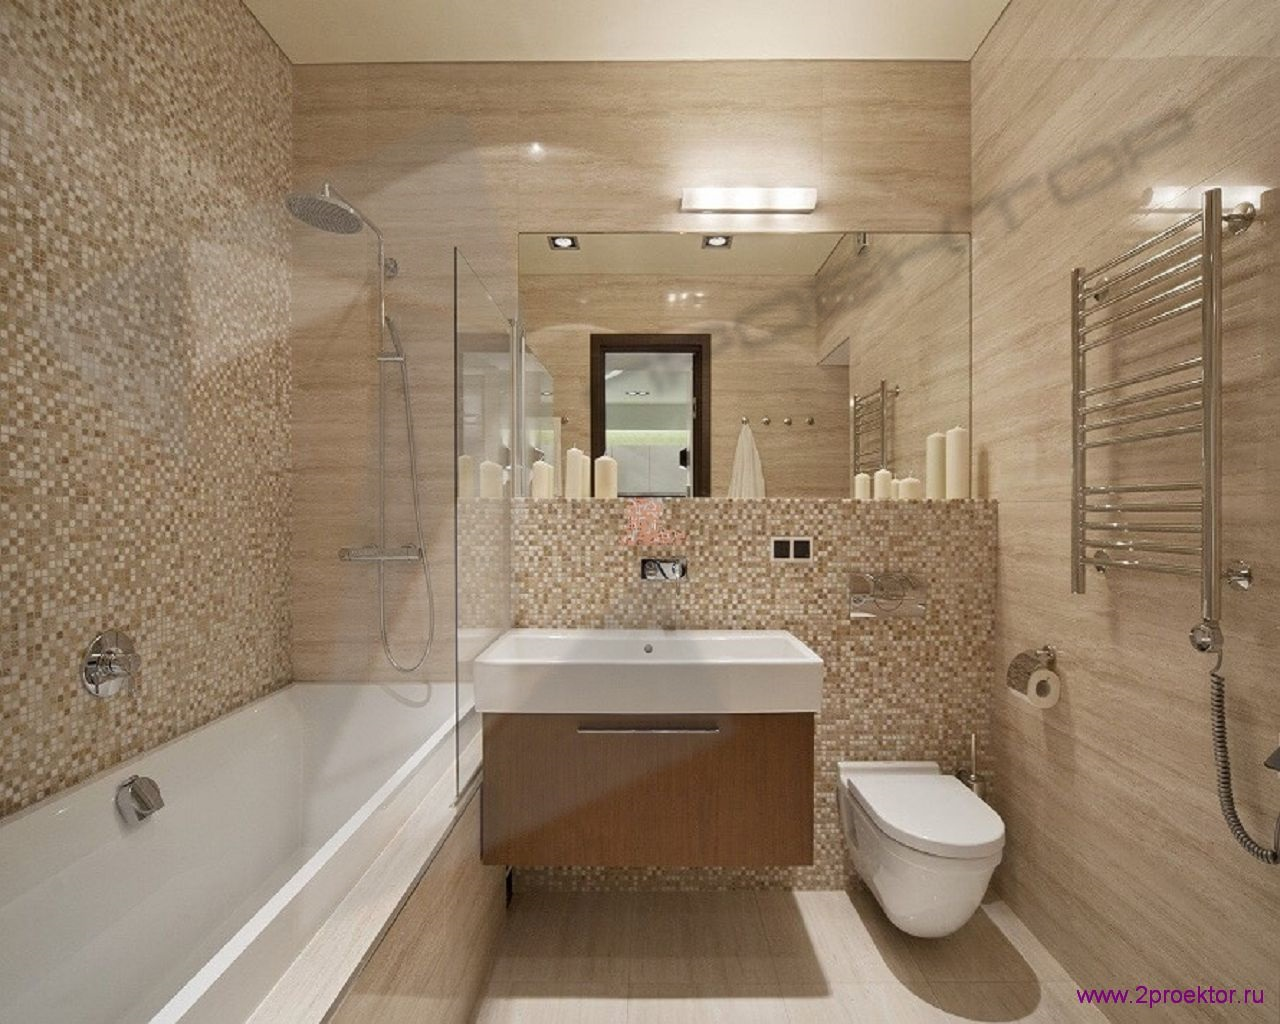 Дизайн ванной комнаты в Жилом комплексе Эмеральд.